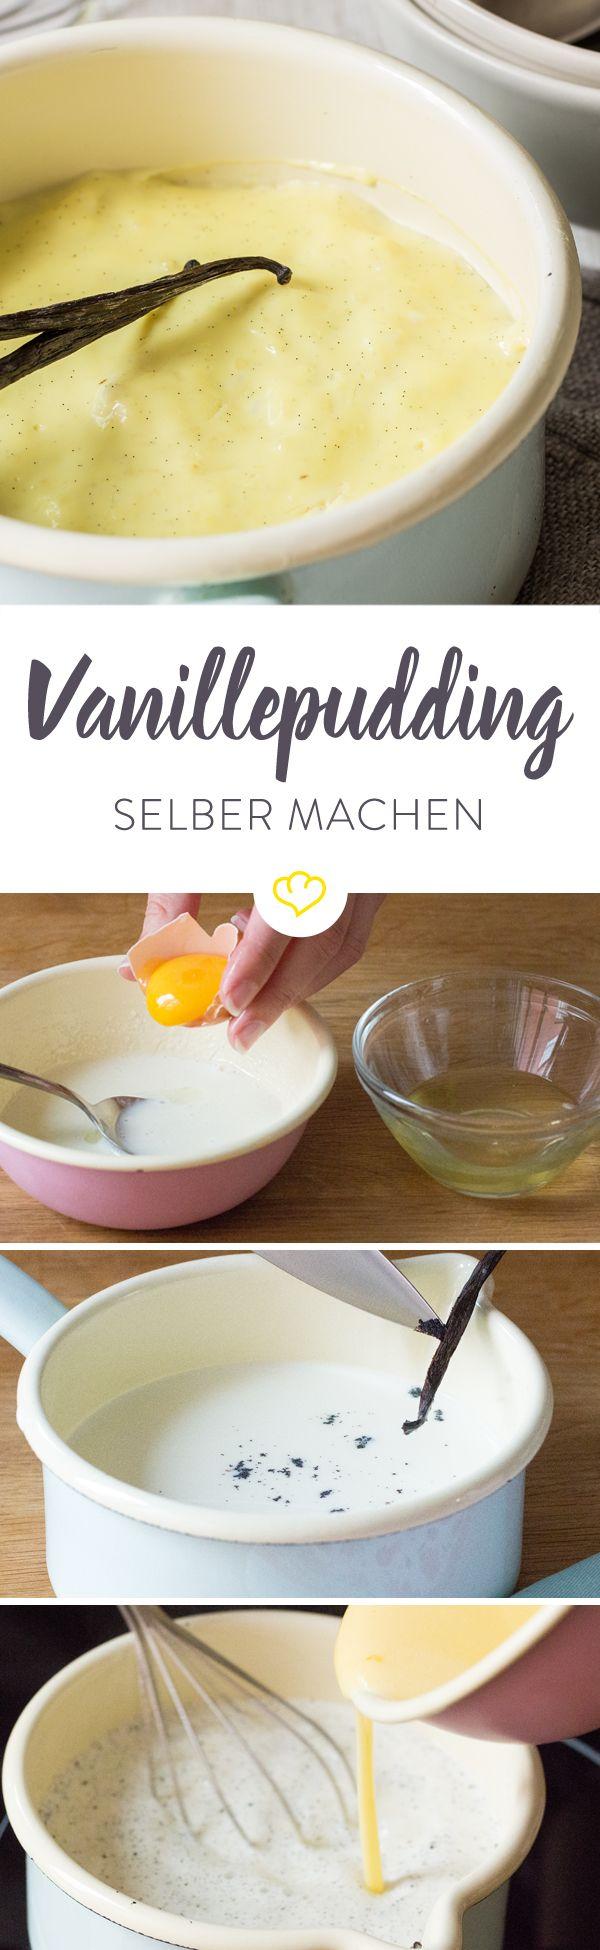 Pudding aus dem Tütchen kommt ab jetzt nicht mehr in die Tüte! Du wirst erstaunt sein, wie einfaches ist ihn selber zu machen.